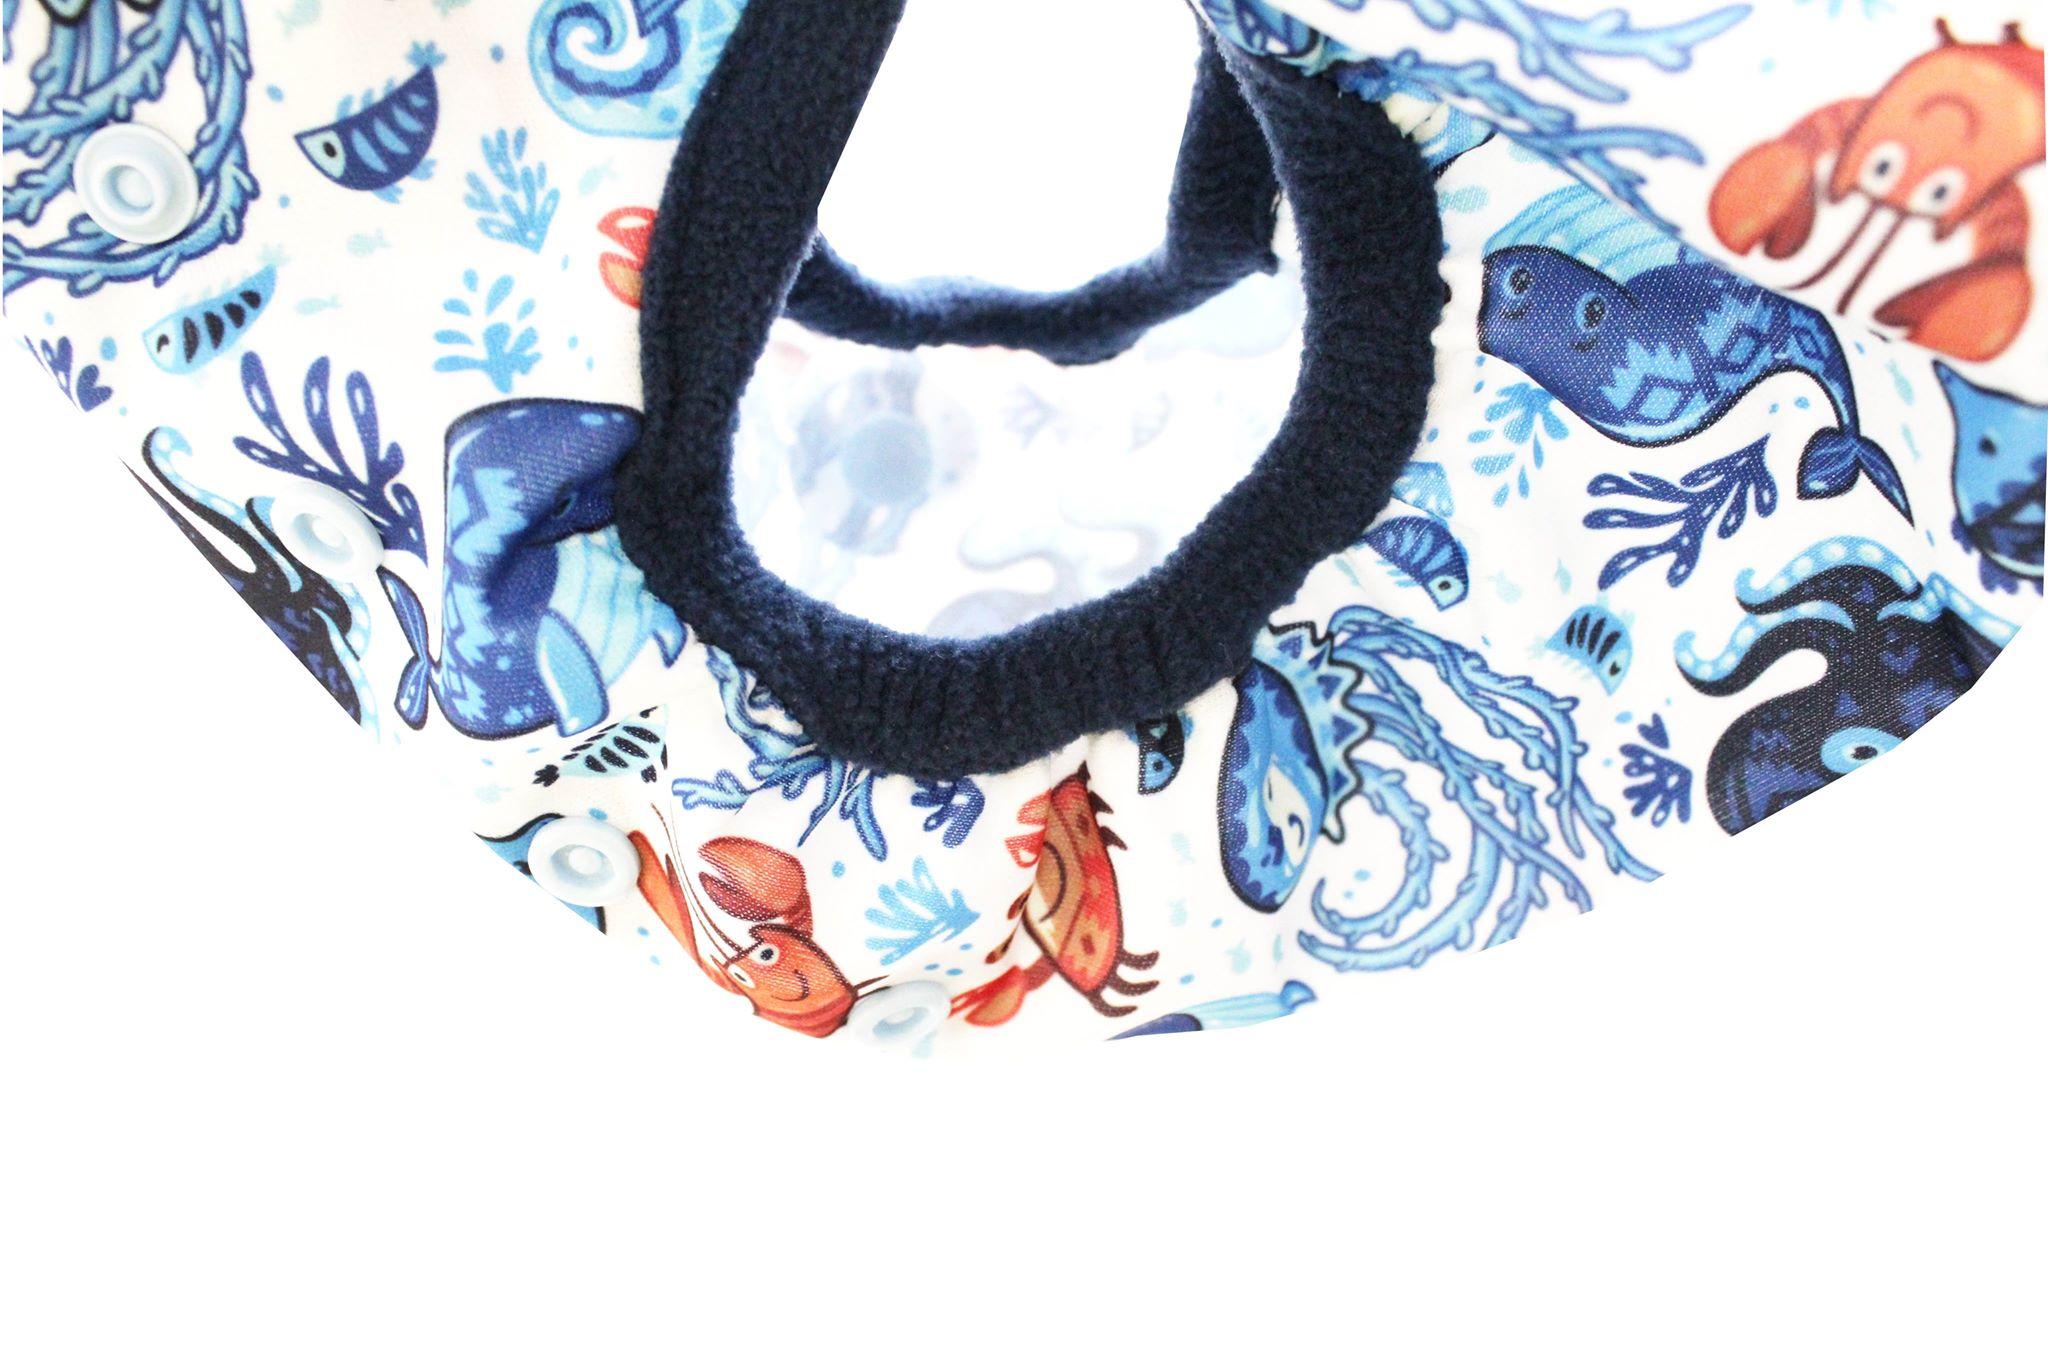 Svrchní kalhotky z PULu - Lemované fleecem, novorozenecké, na suchý zip, bez křidélek